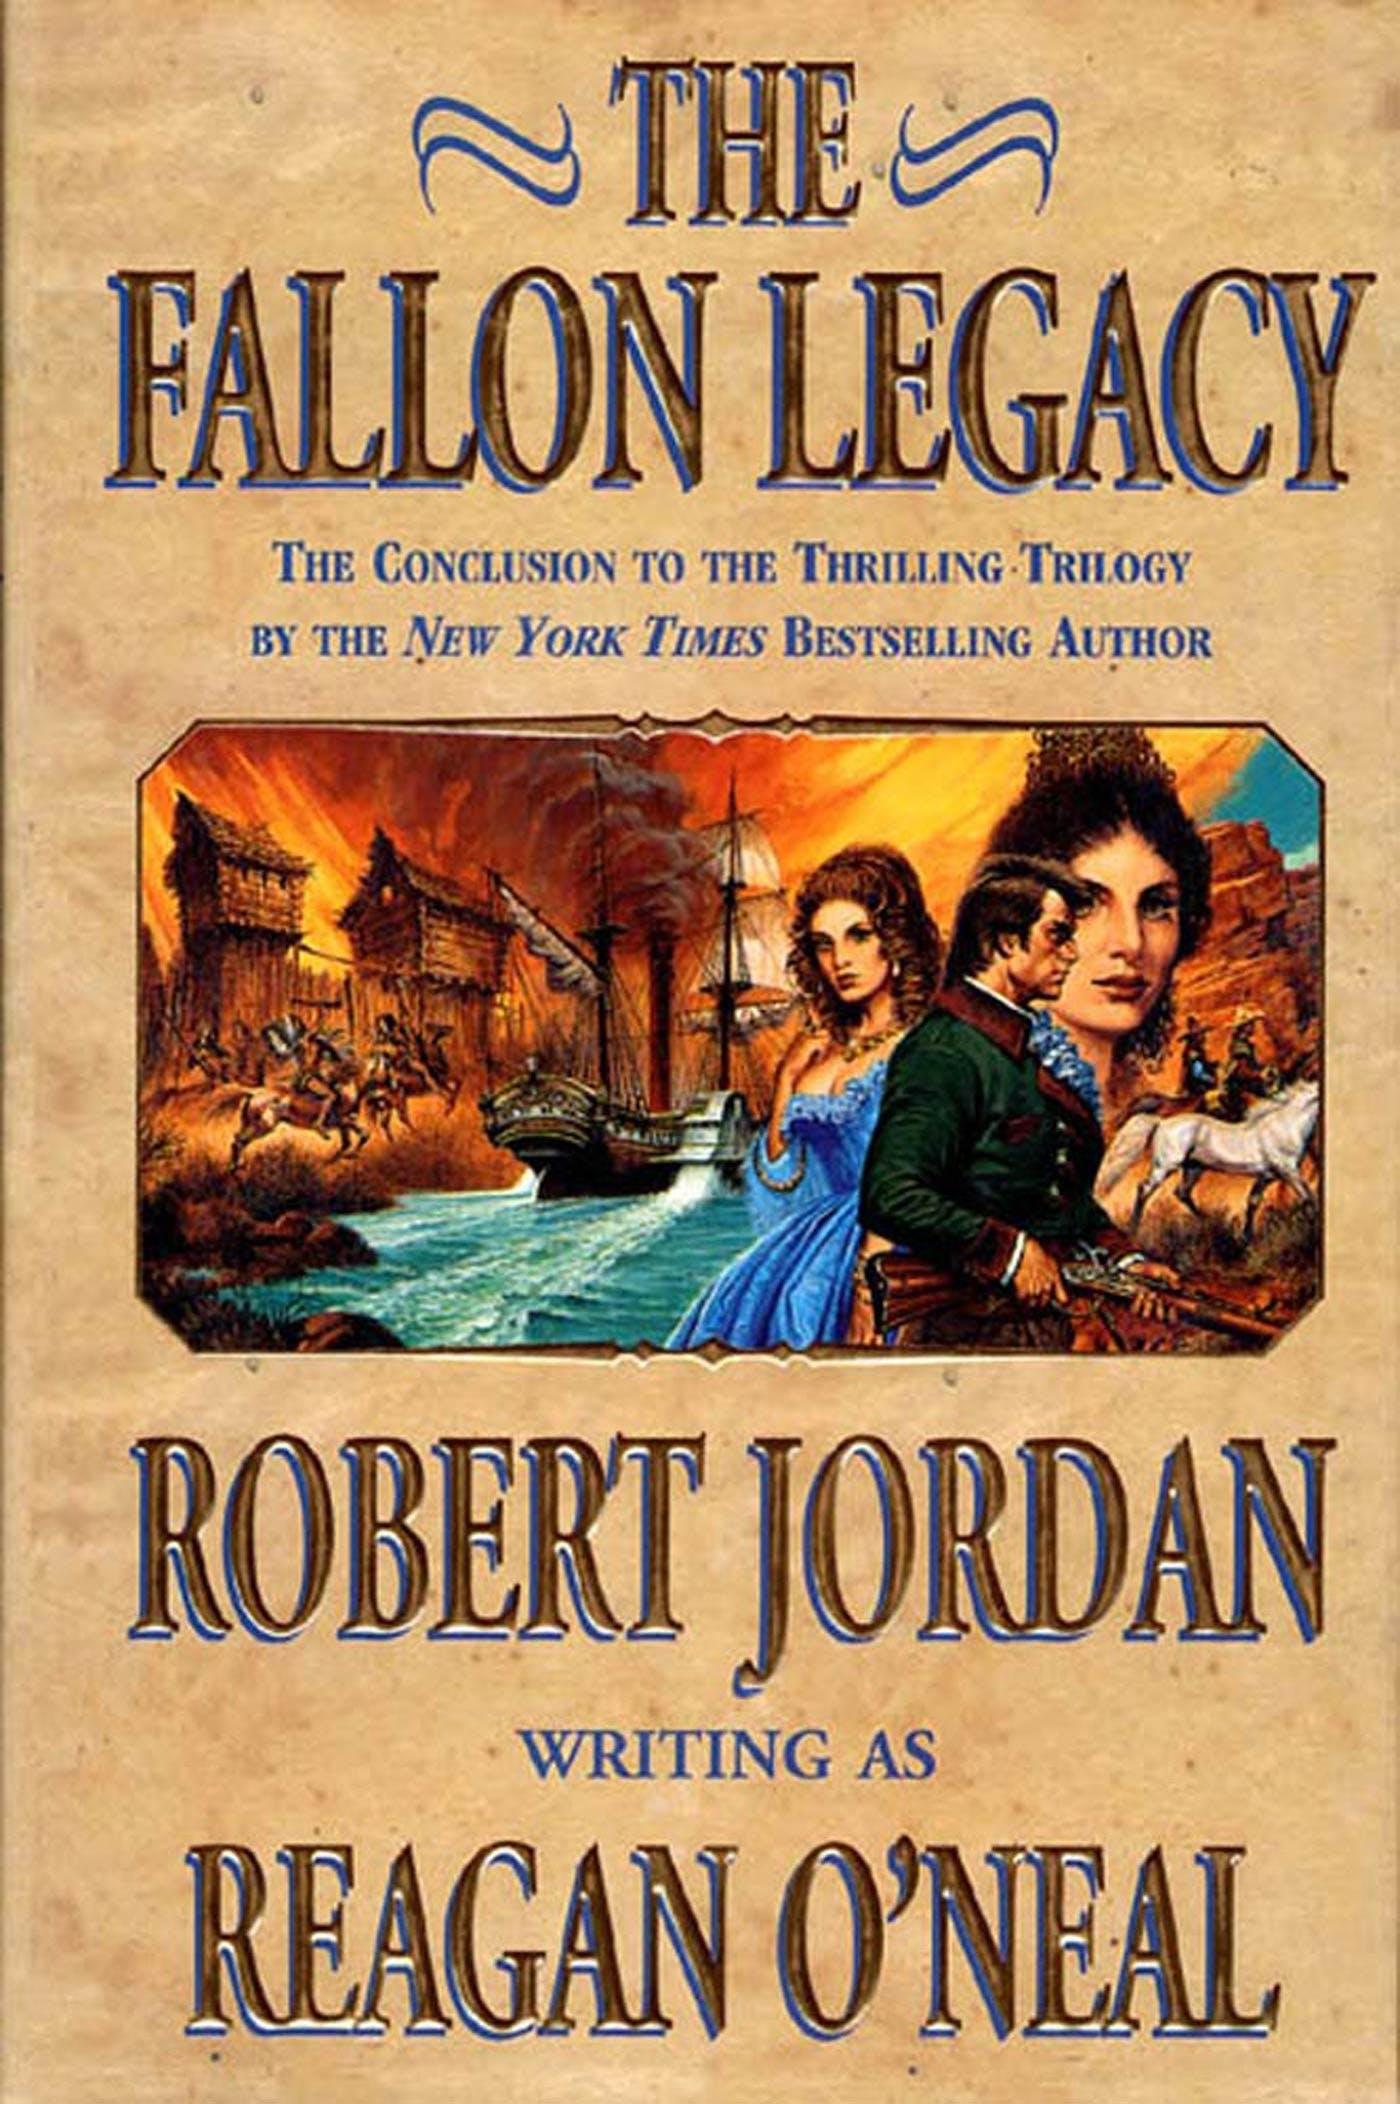 Image of The Fallon Legacy